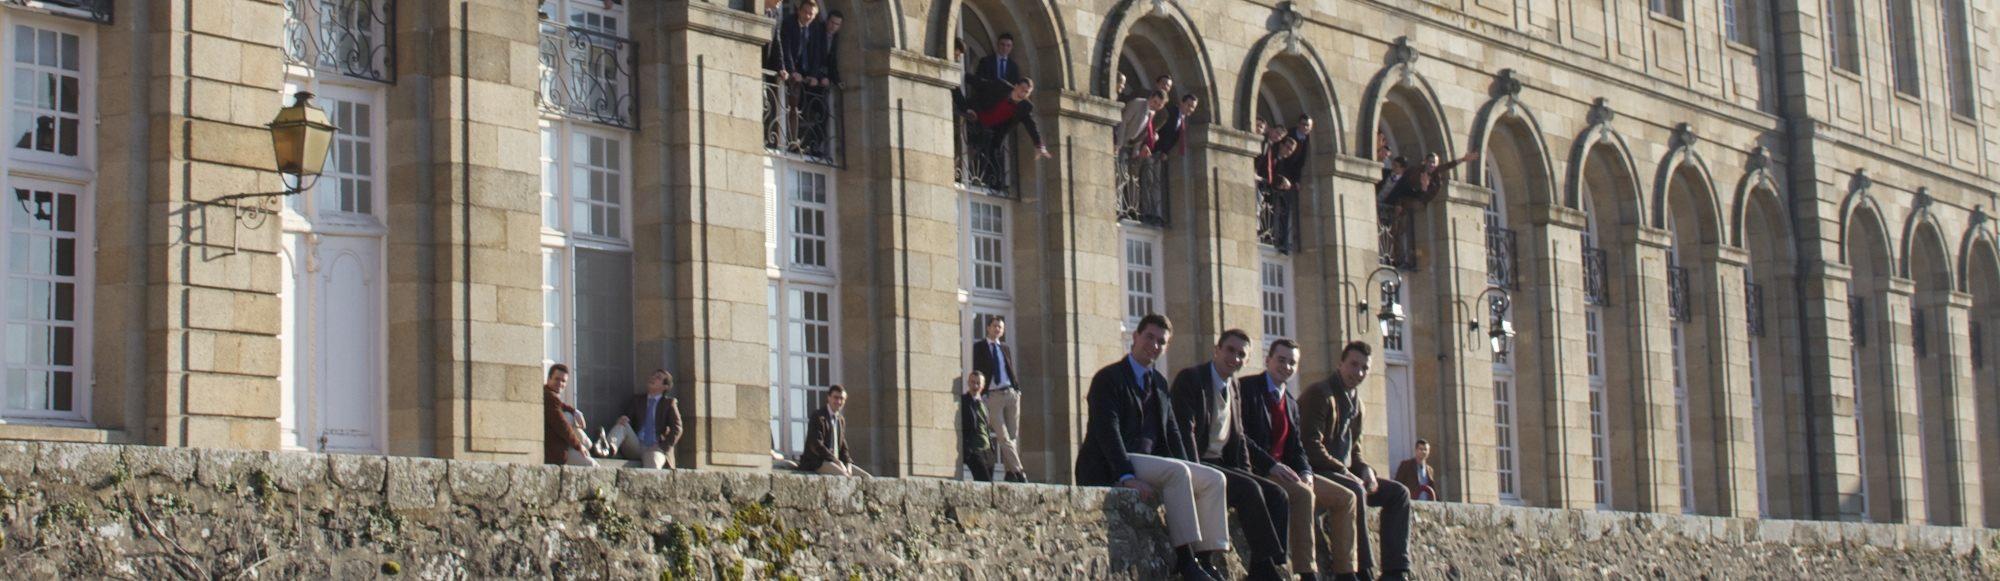 seminaristes devant abbaye evron 1